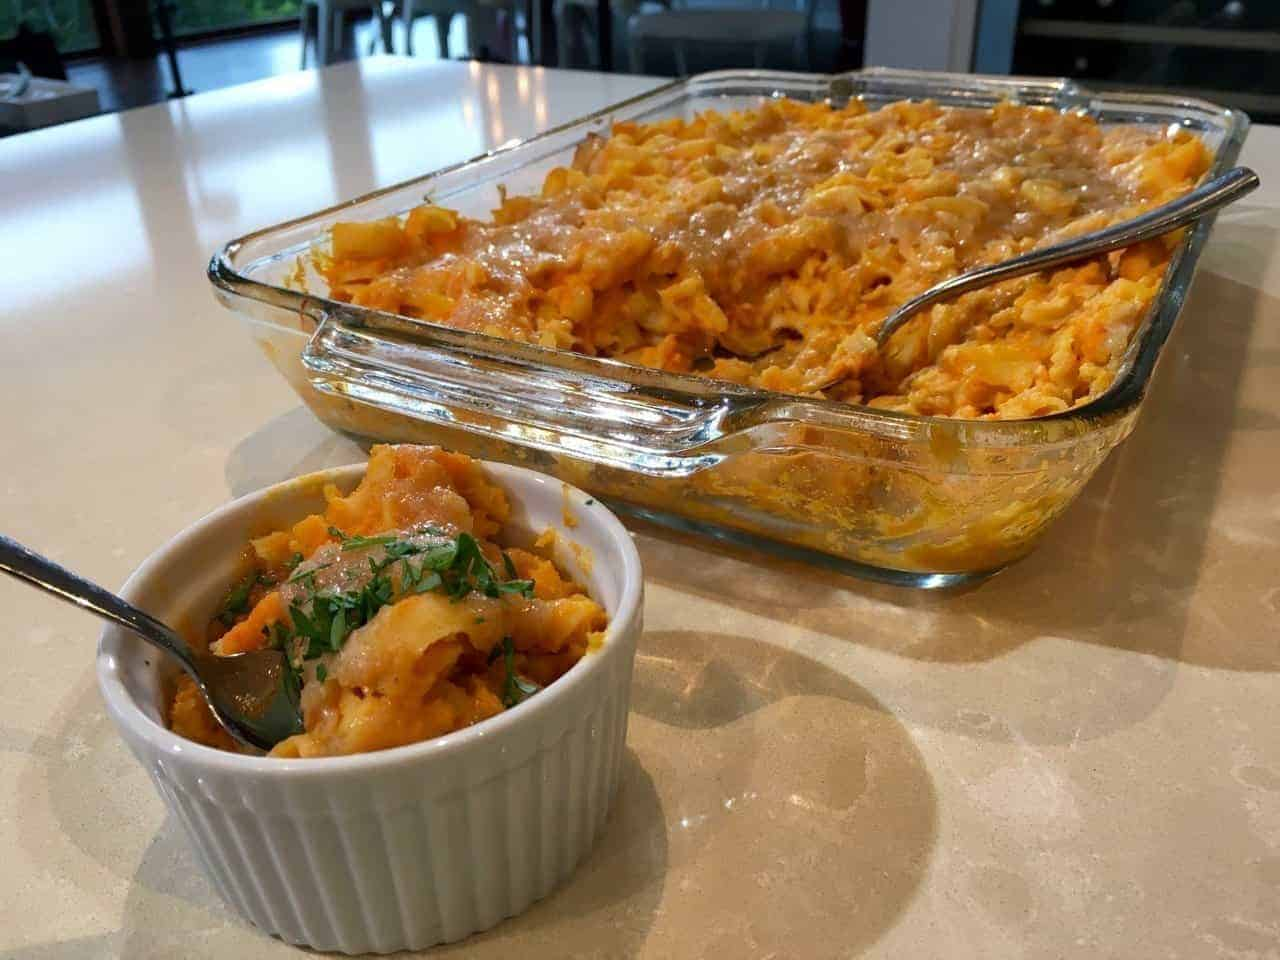 vegan, gluten free, macaroni and cheese